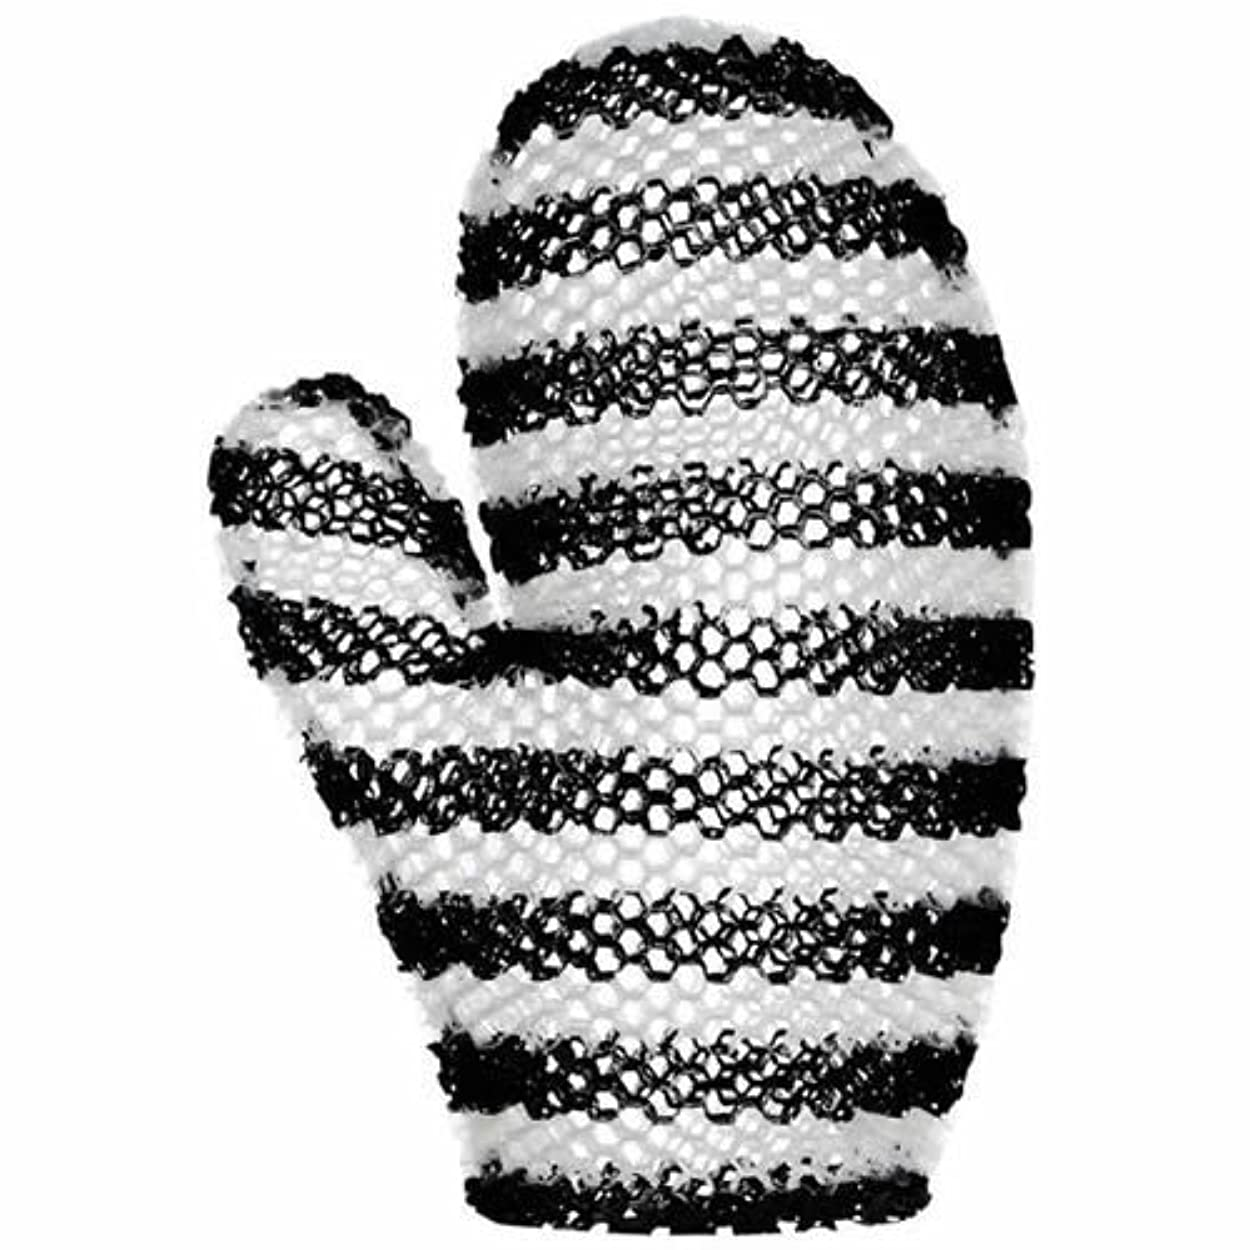 引数収束満たすスプラコール ハニカム(ミット) ブラック&ホワイト